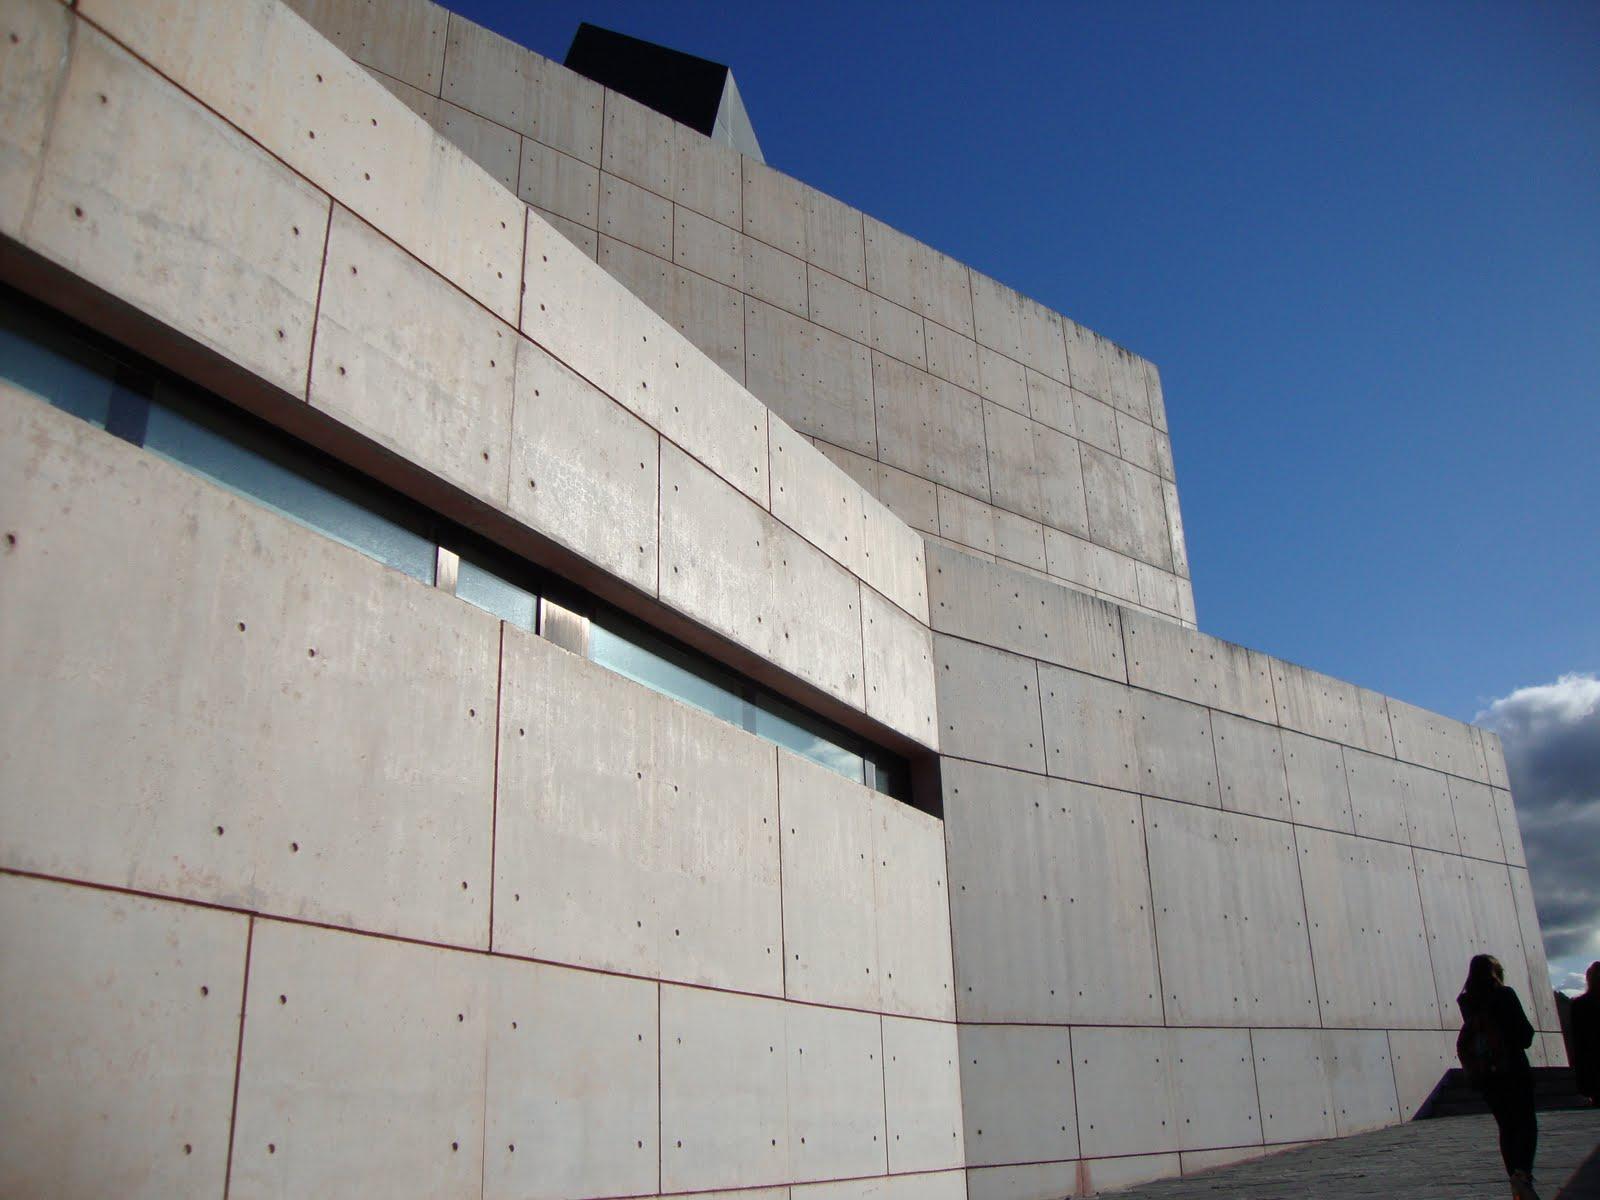 Fachadas de hormig n arquitect nico - Fachada hormigon in situ ...